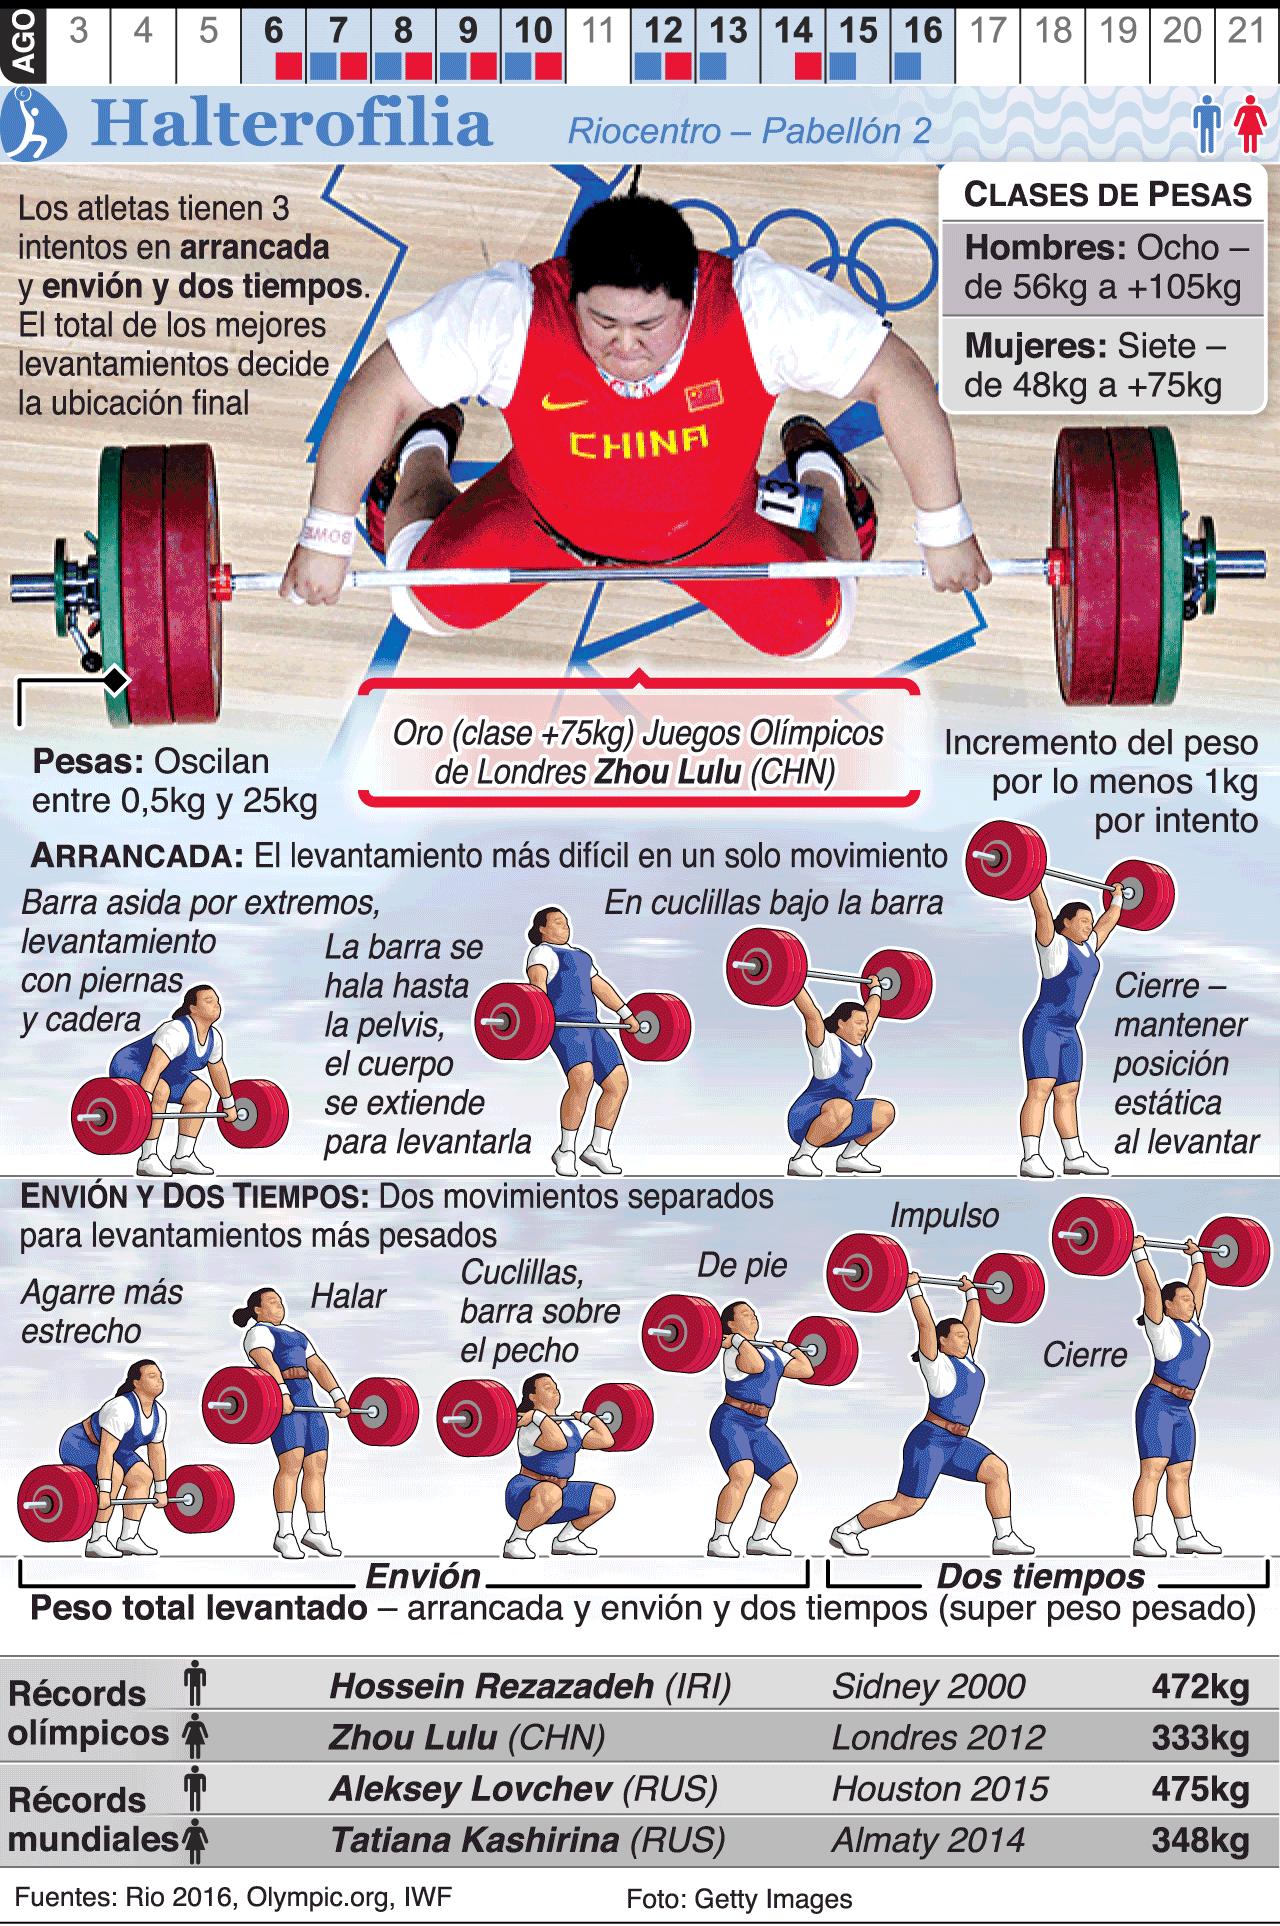 Infografía: Halterofilia en los Juegos de Río 2016 … | Craig\'s ...